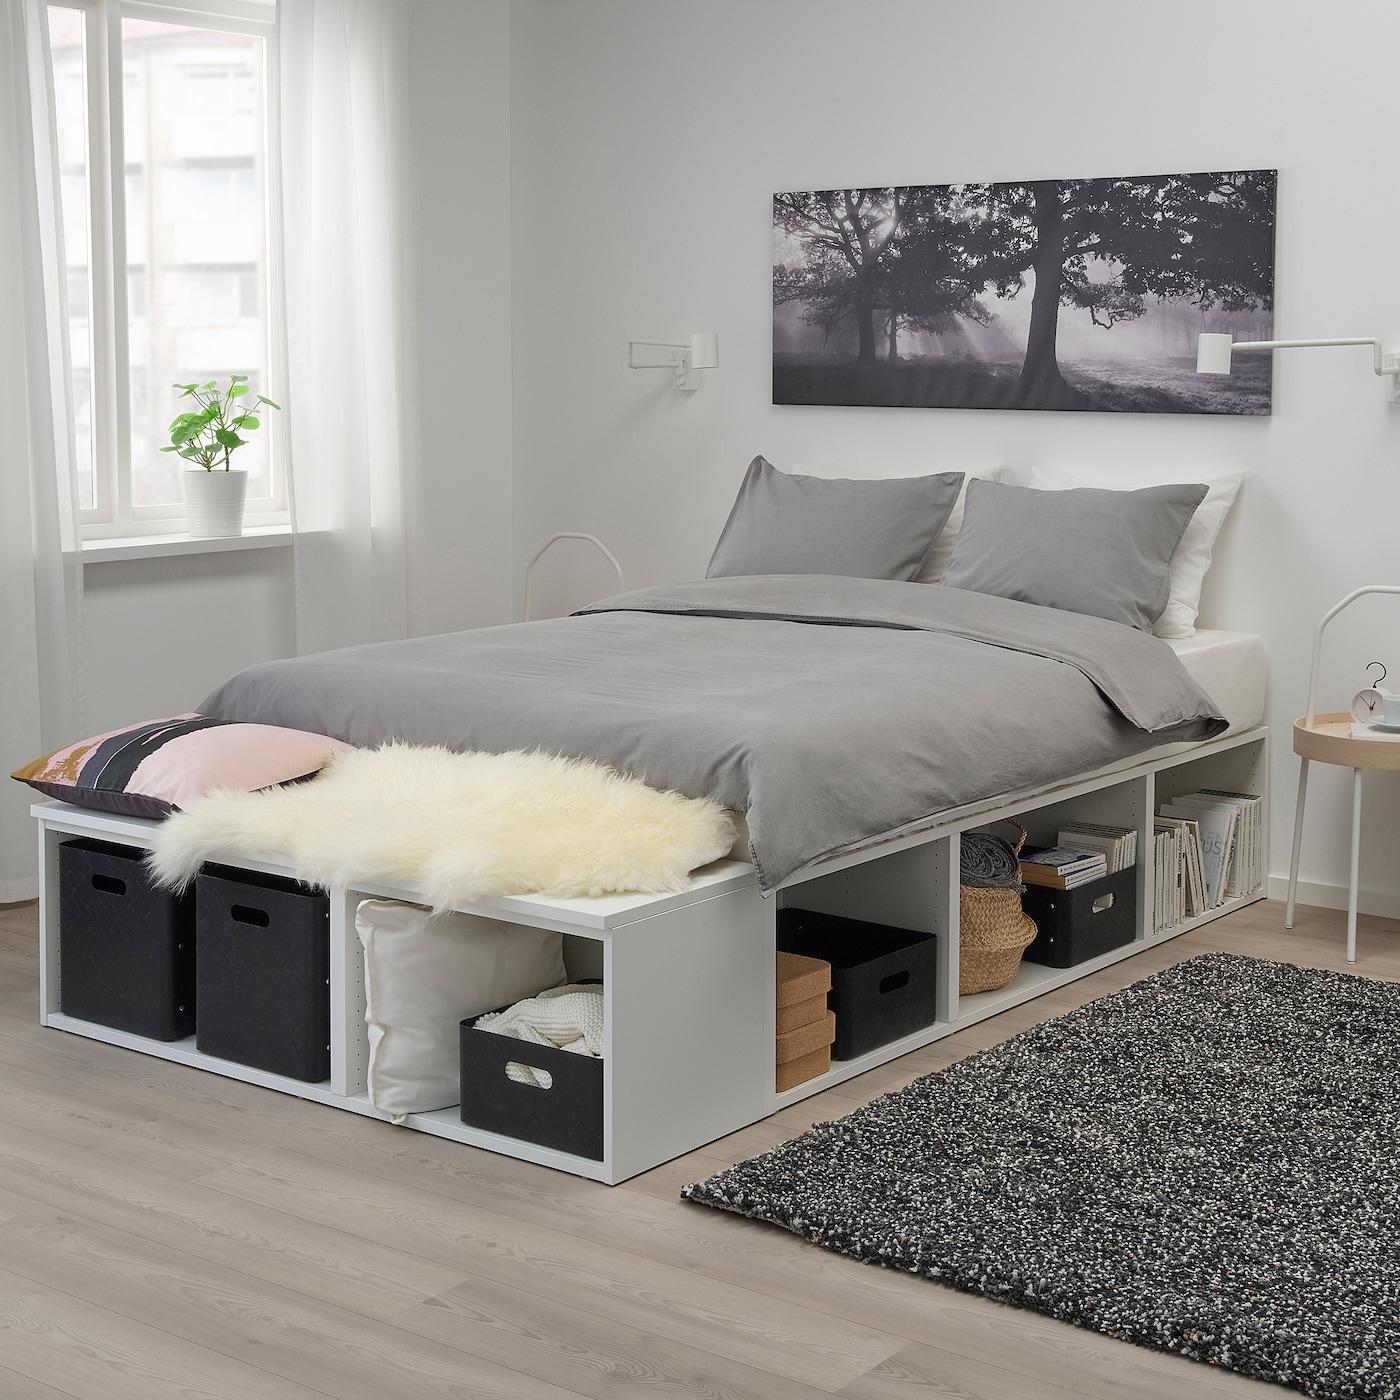 ПЛАТСА каркас ліжка з відділ д/зберігання білий 40 см 244 см 140 см 43 см 200 см 140 см